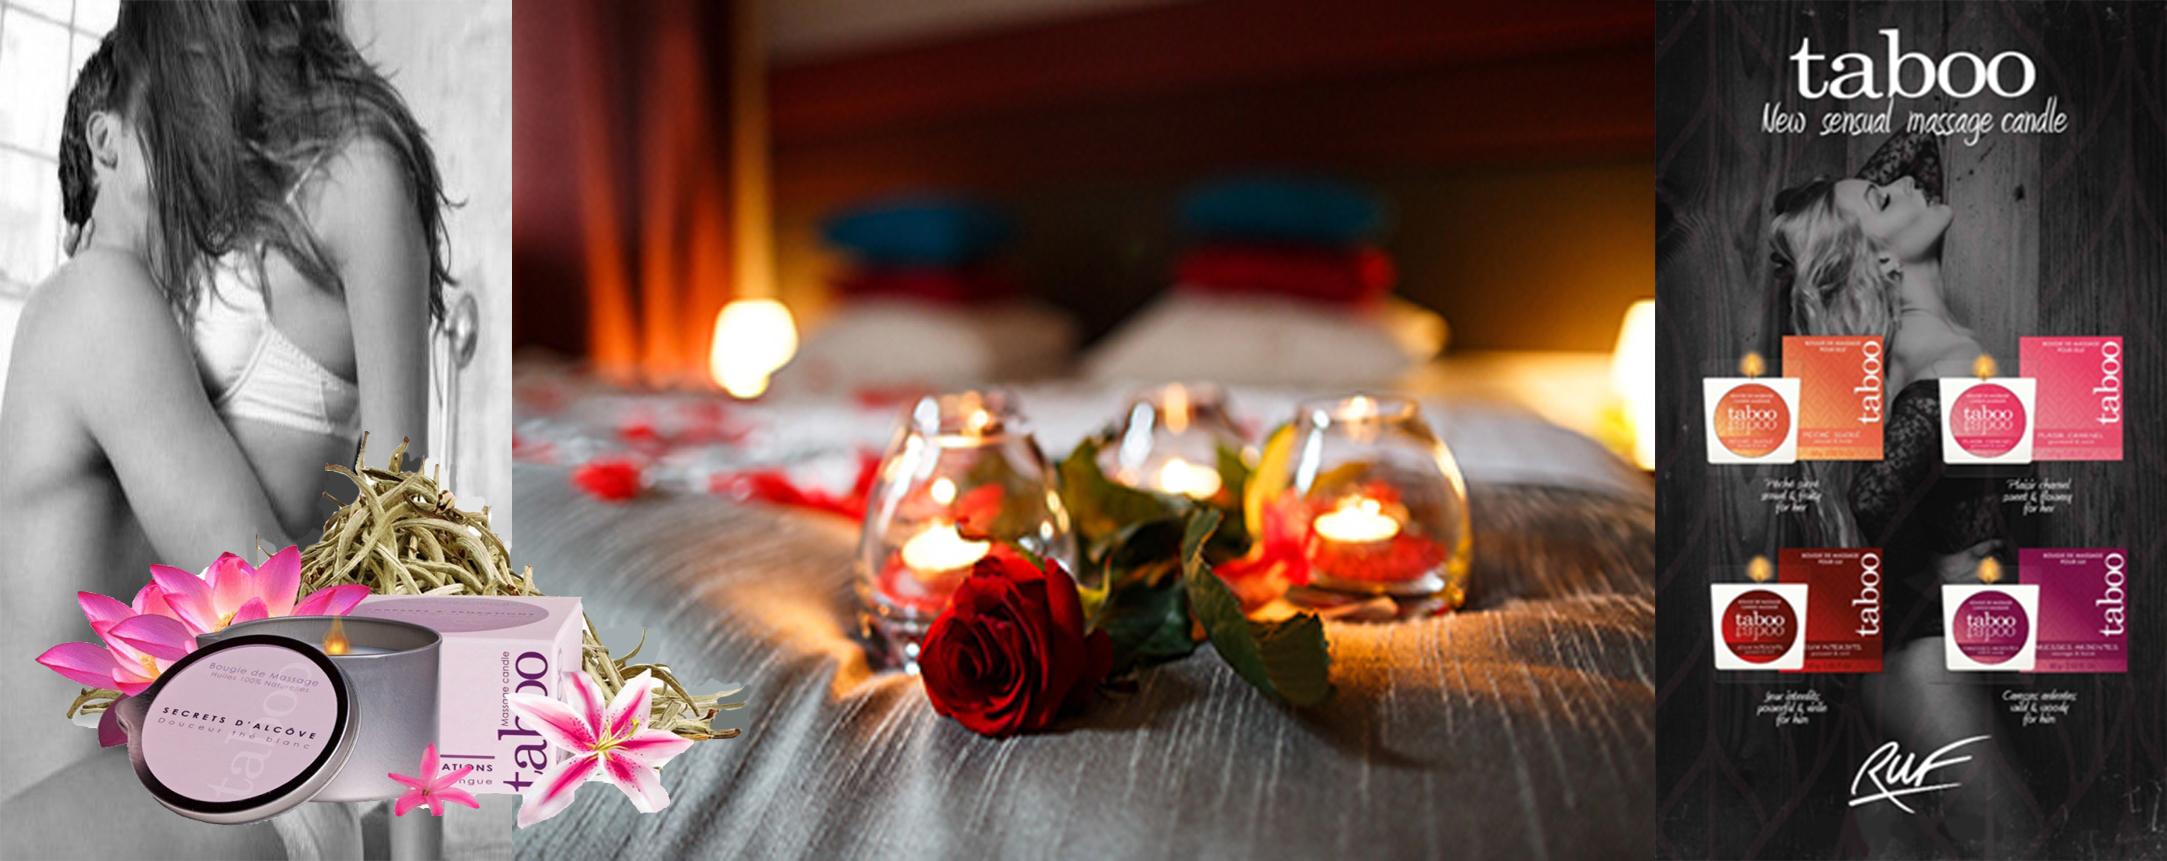 massage-candles-2.jpg